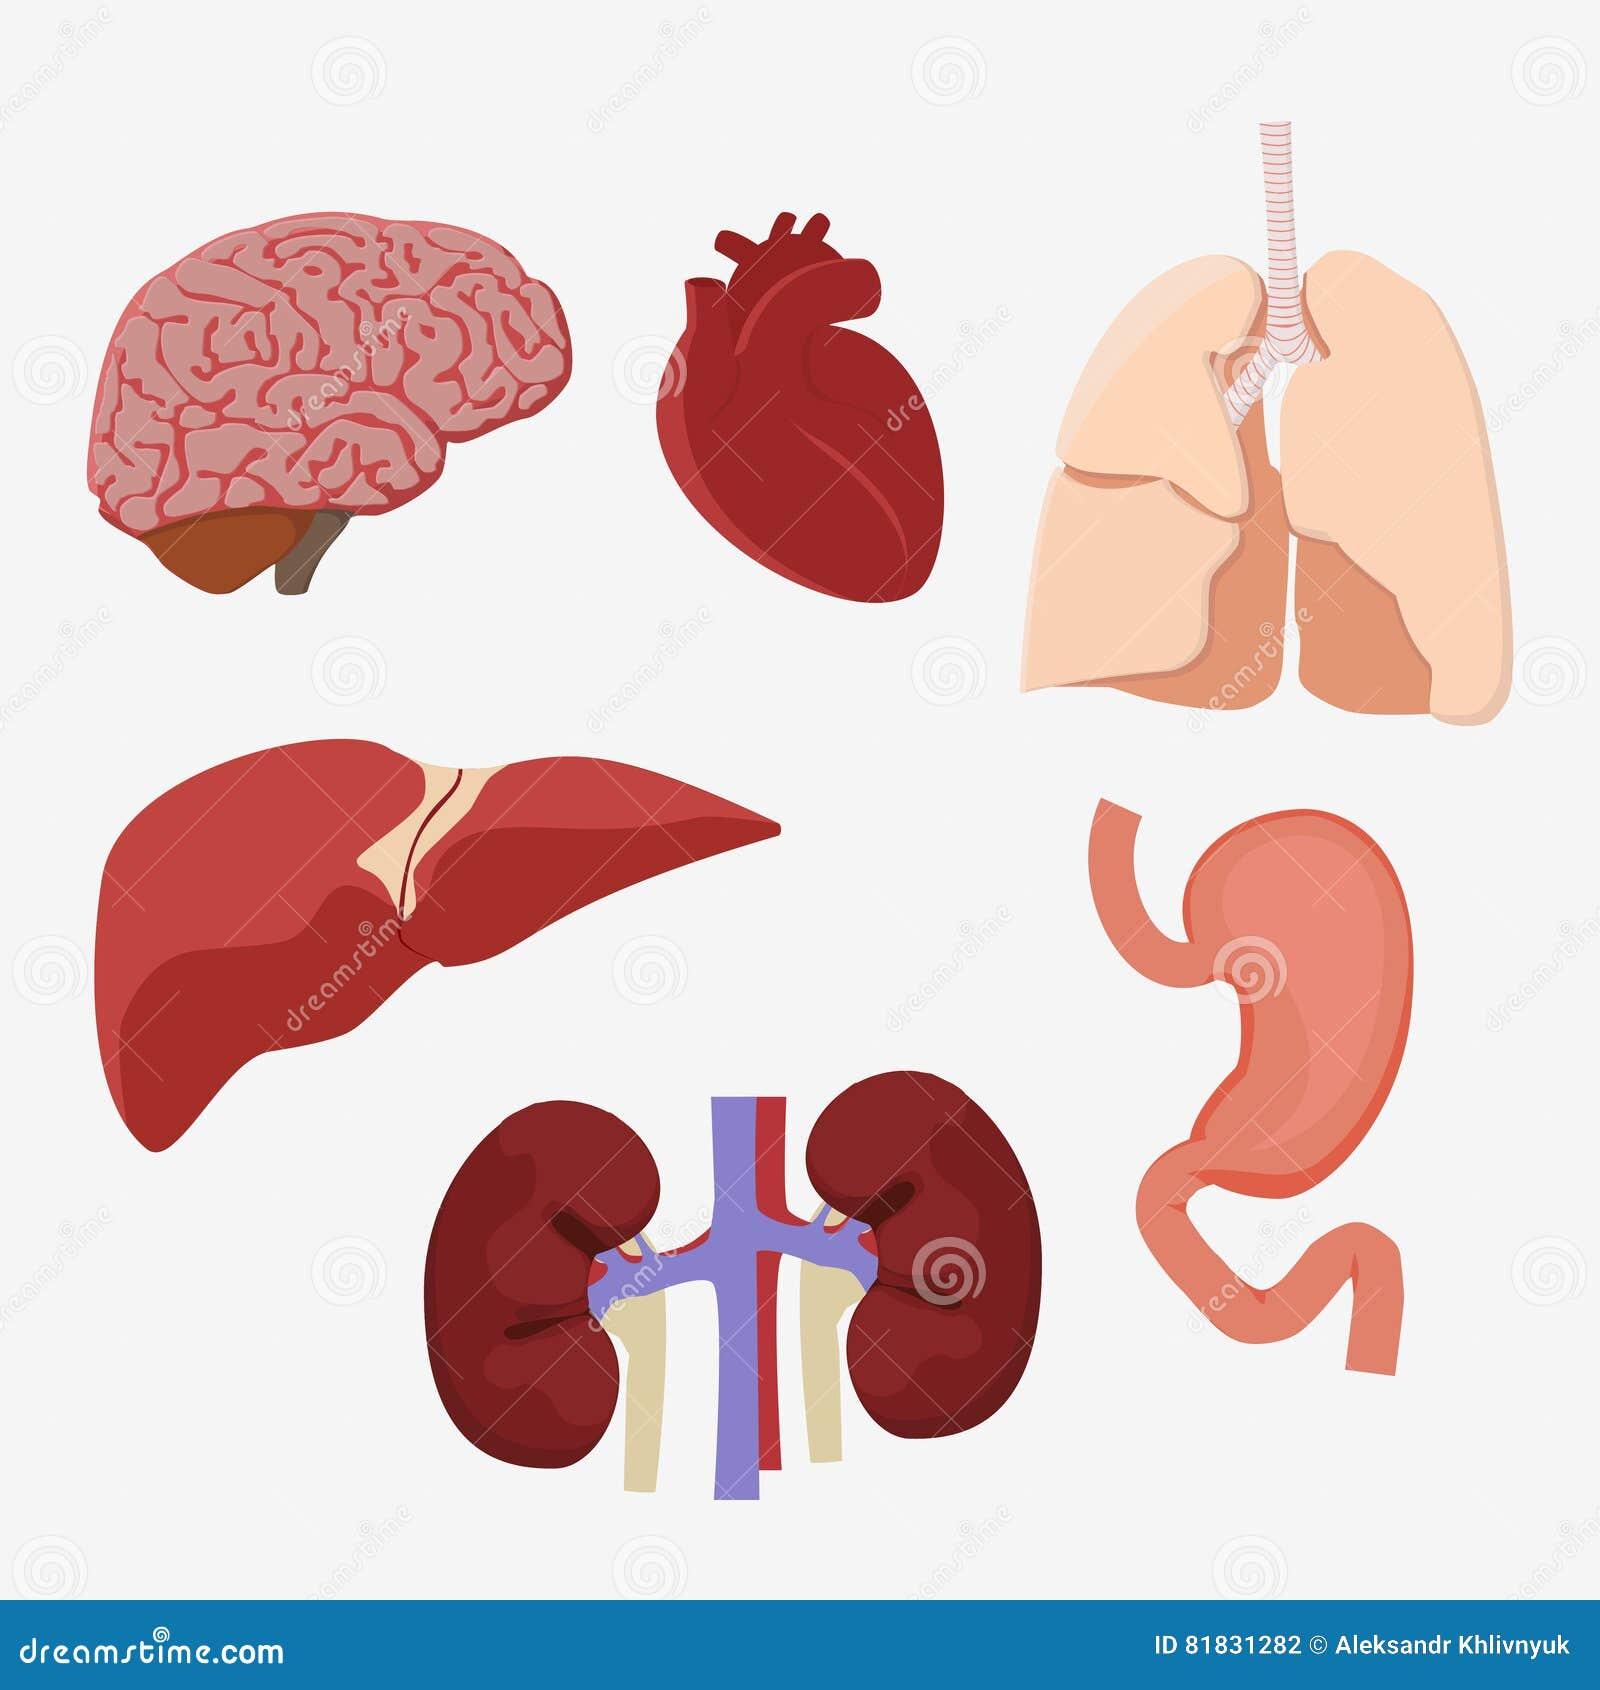 Human Internal Organs Stock Illustration Illustration Of Biology